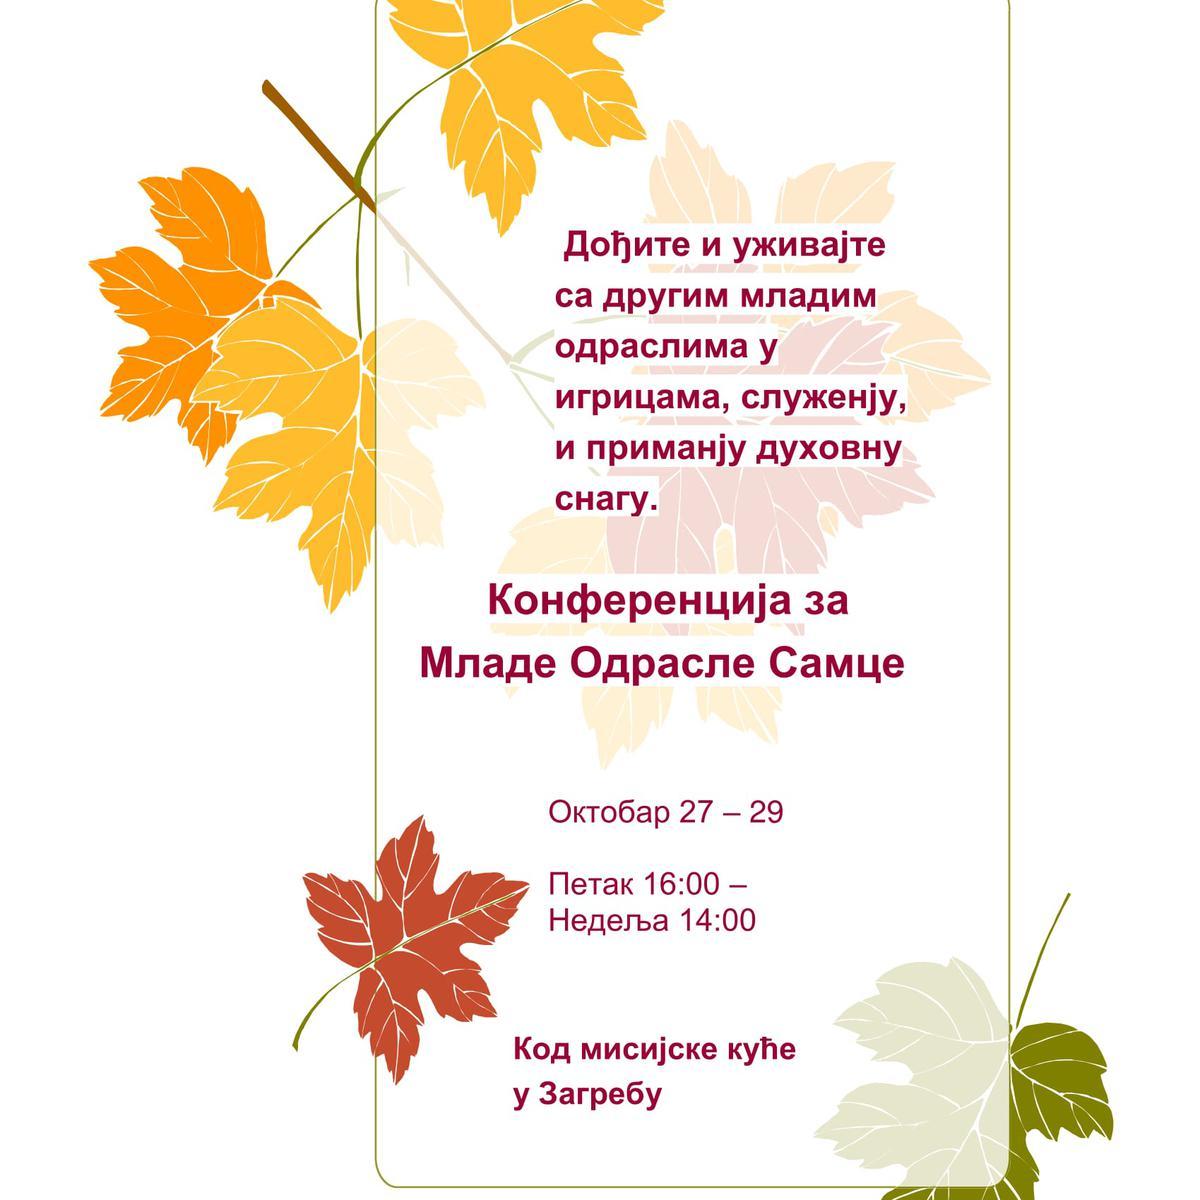 Конференција за младе одрасле самце октобар 2017